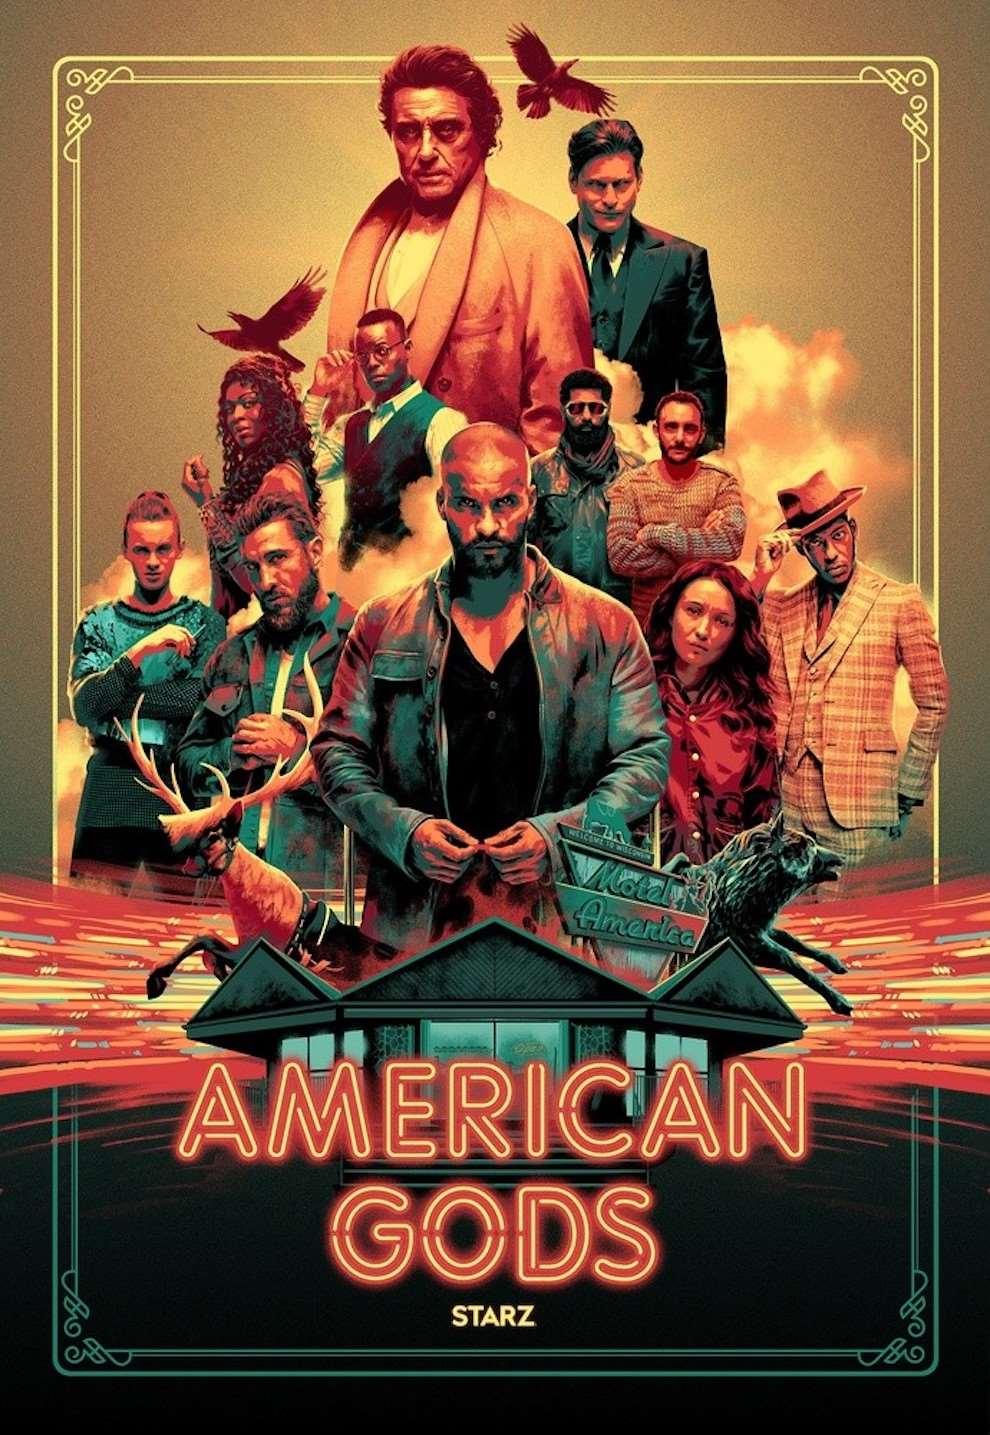 Matt Taylor, Digital film poster illustration of american gods